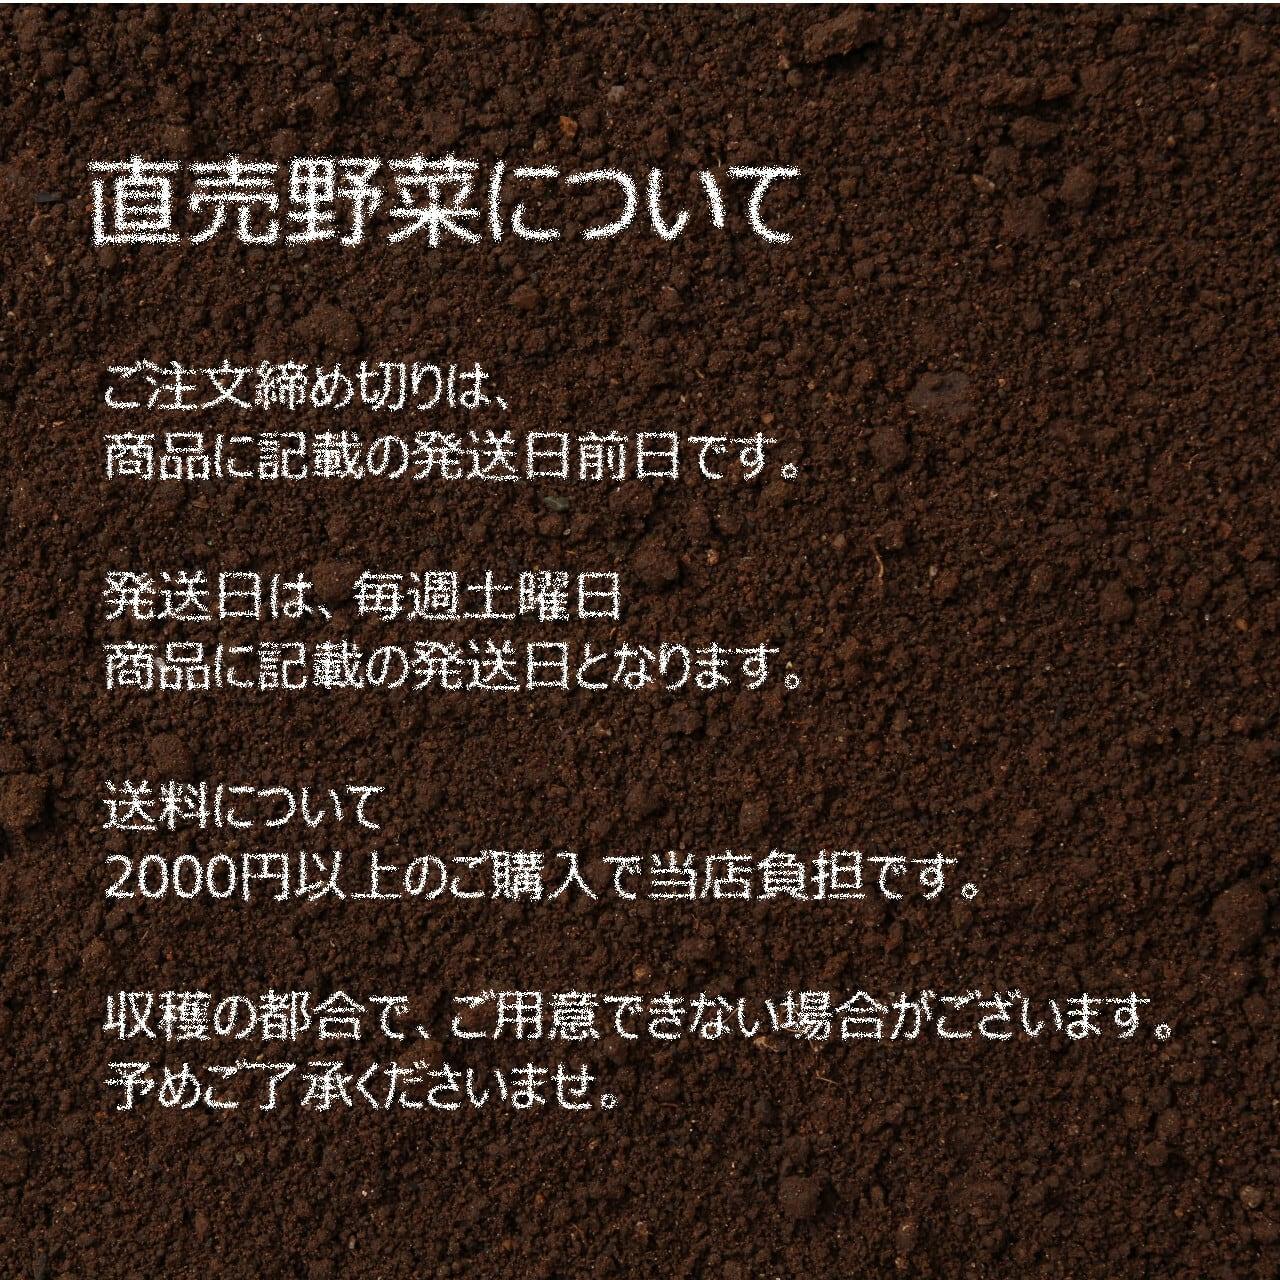 6月の朝採り直売野菜 : ガーデンレタス 約150g 春の新鮮野菜 6月5日発送予定